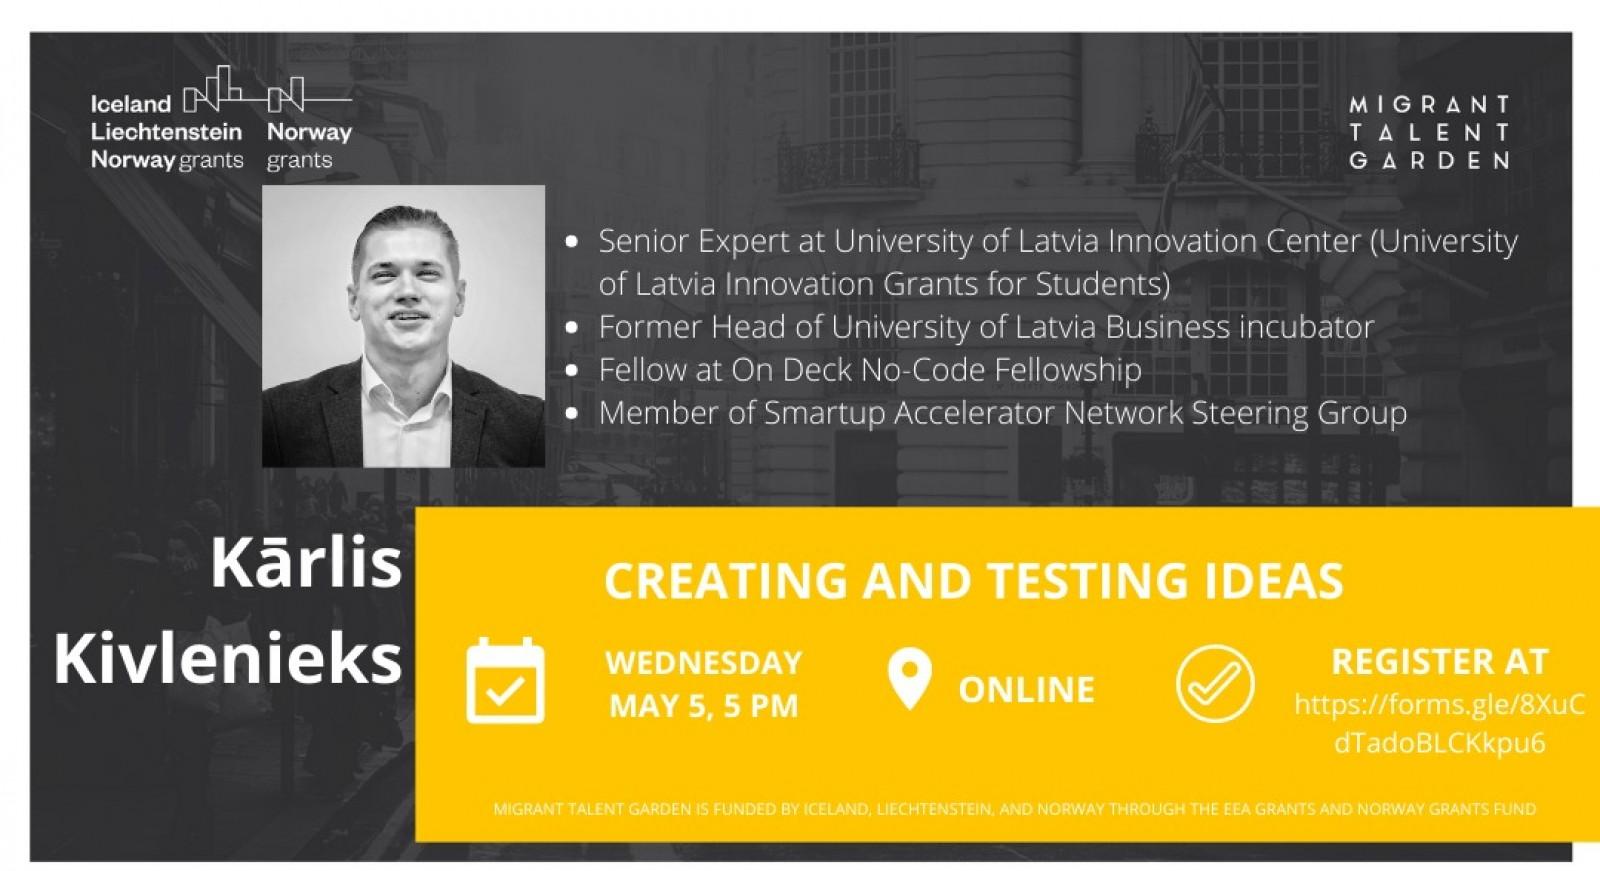 Projekta Migrant Talent Garden lekciju par biznesa ideju radīšanu vadīs LU Inovāciju Centra vecākais eksperts Kārlis Kivlenieks | Patvērums Drošā Māja